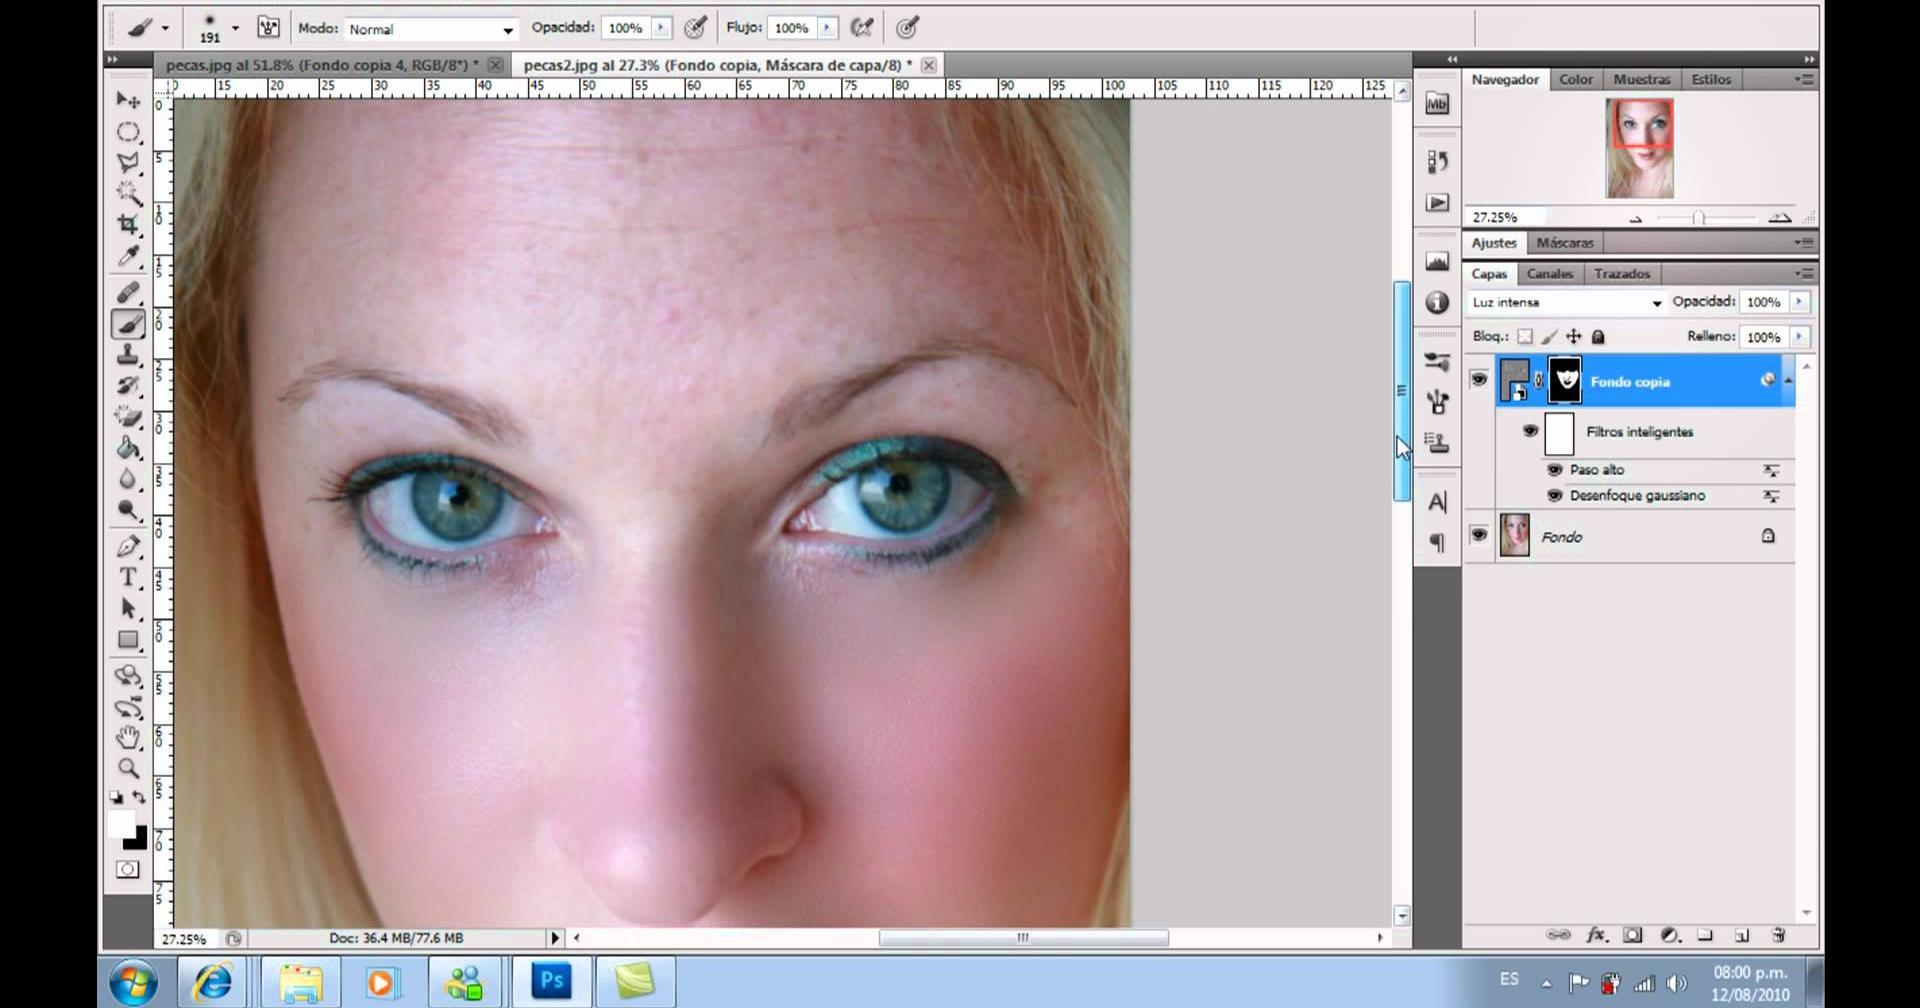 4 recursos rápidos para mejorar tu piel digitalmente